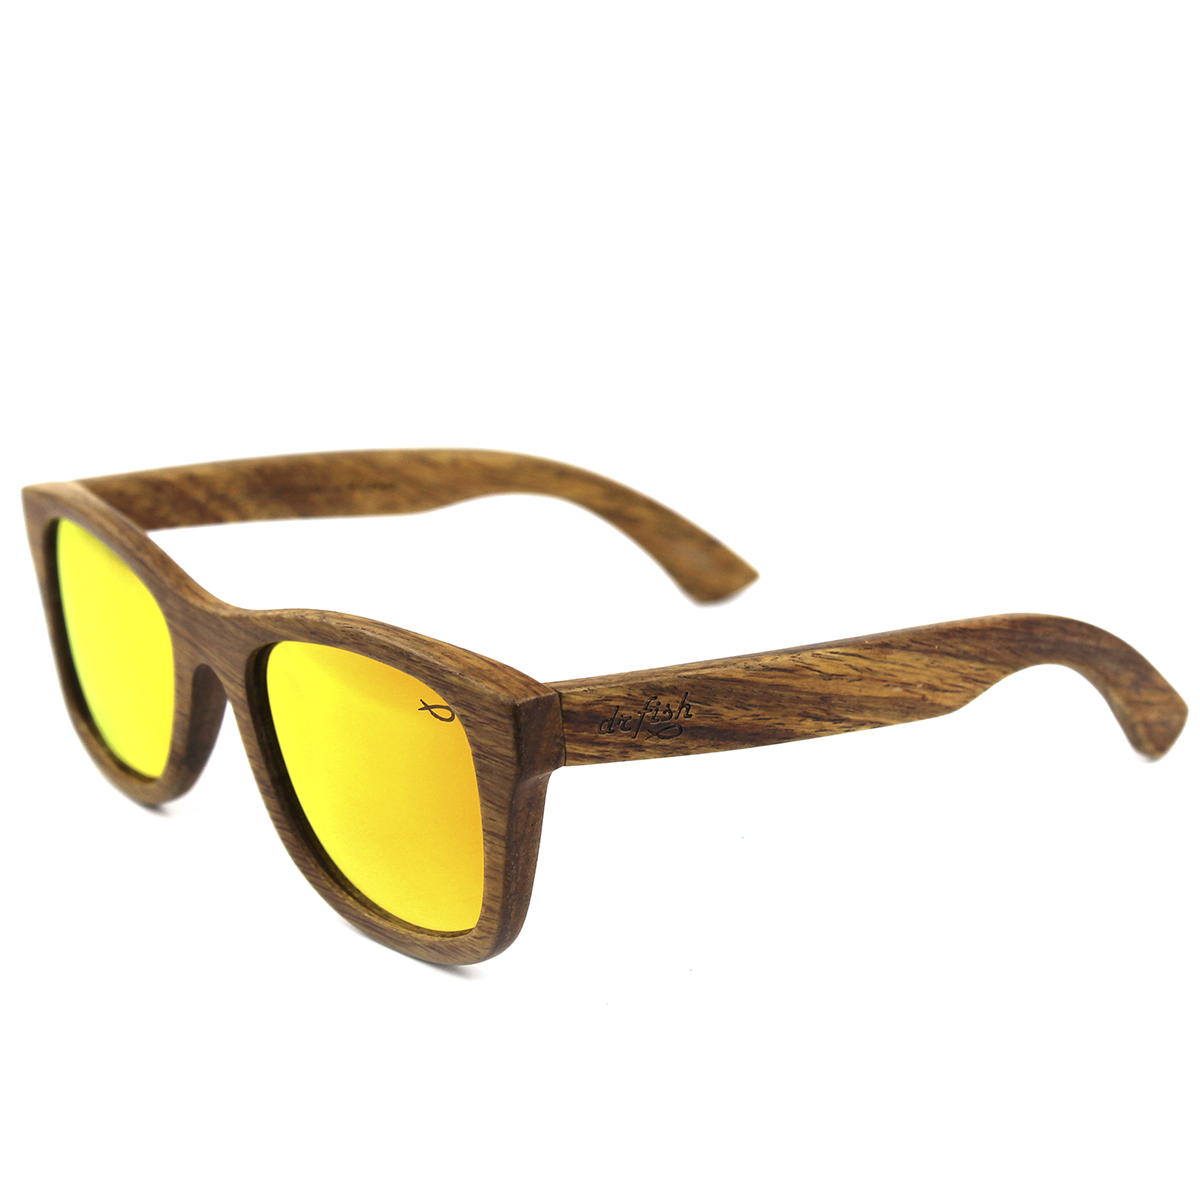 Очки Wood & narnja (unisex)